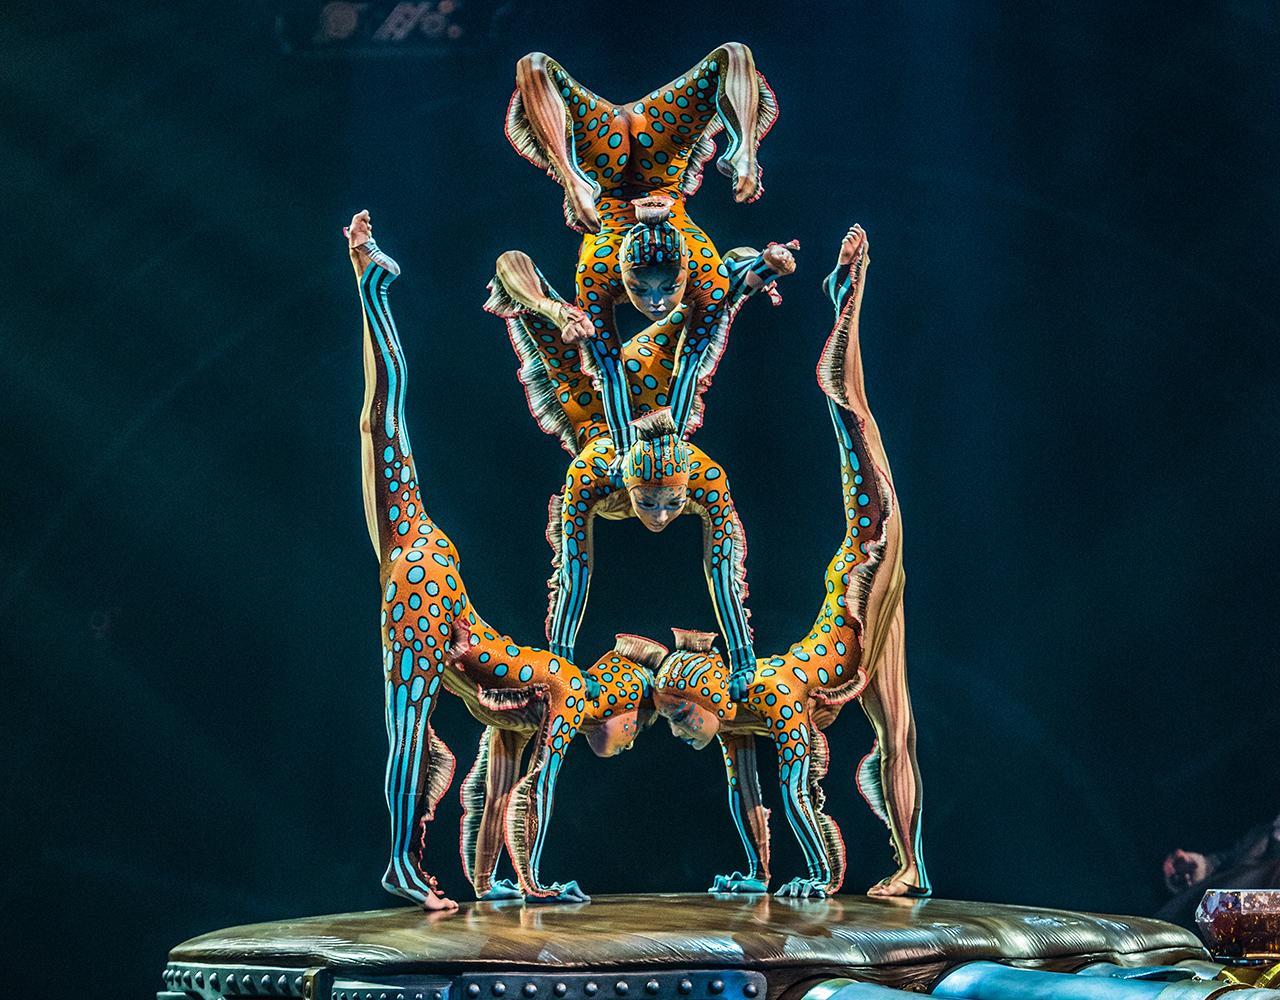 KURIOS presented by Cirque Du Soleil